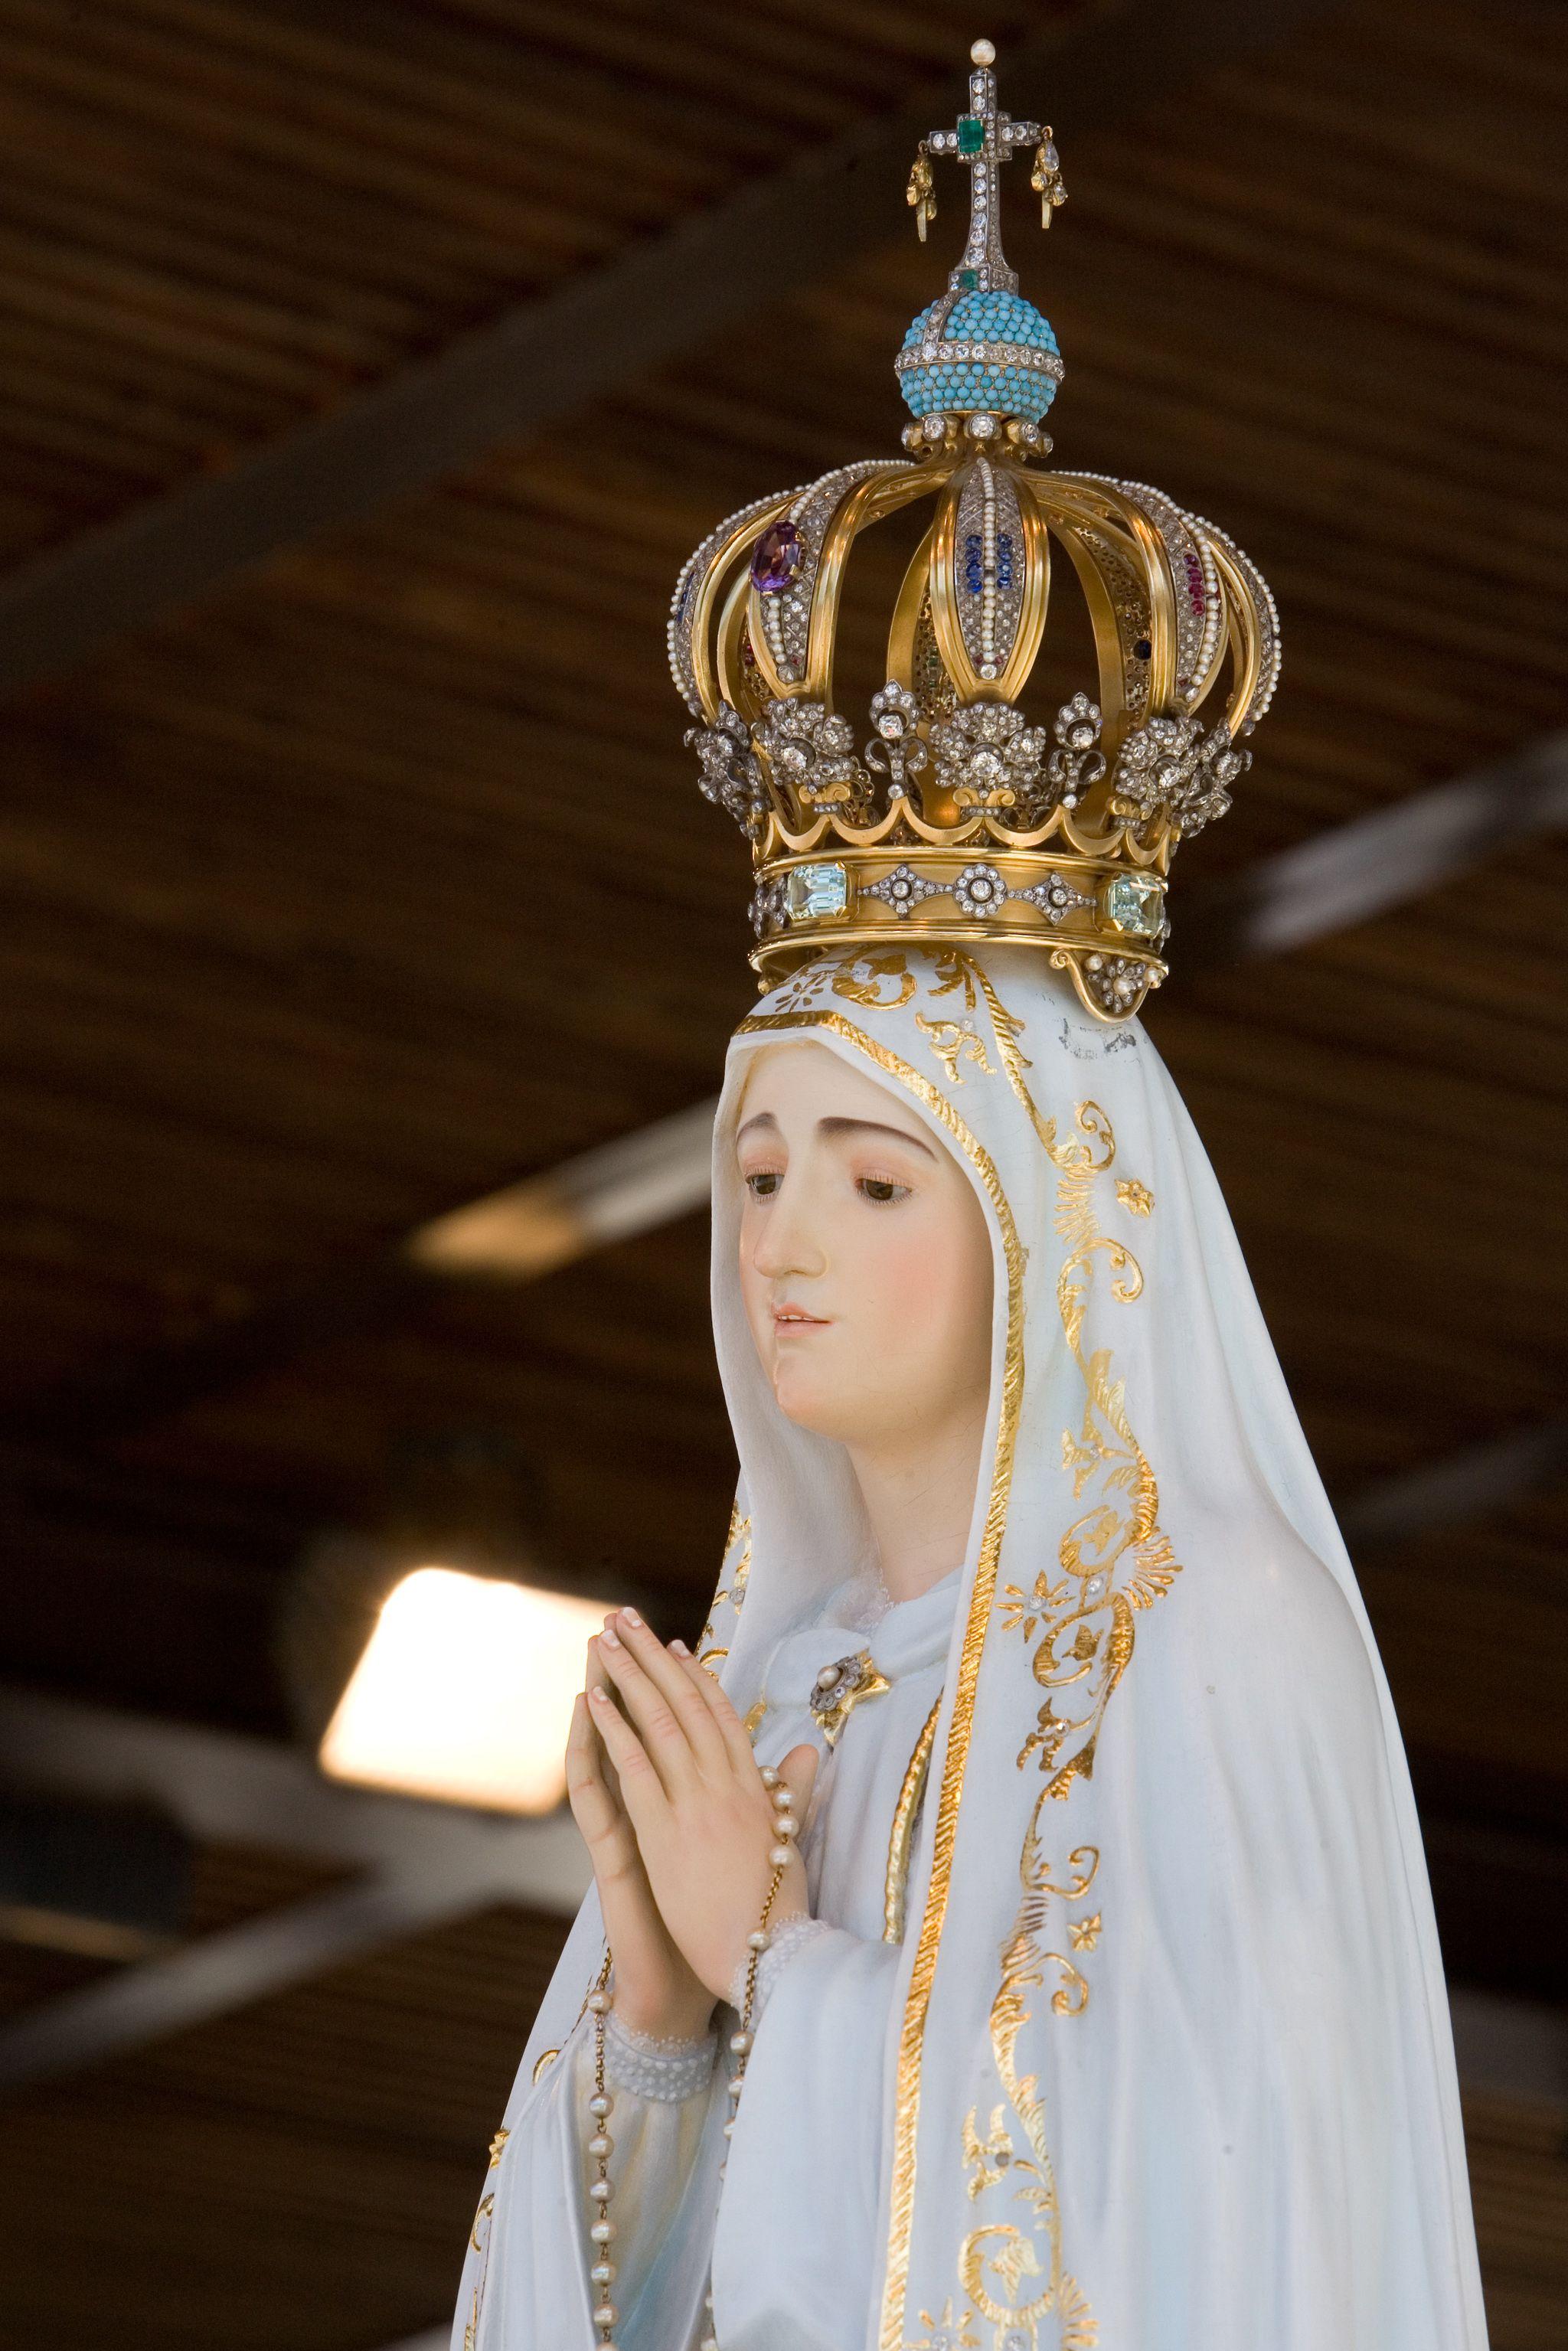 Fatima Portugal Nossa Senhora De Fatima Pastorinhos De Fatima